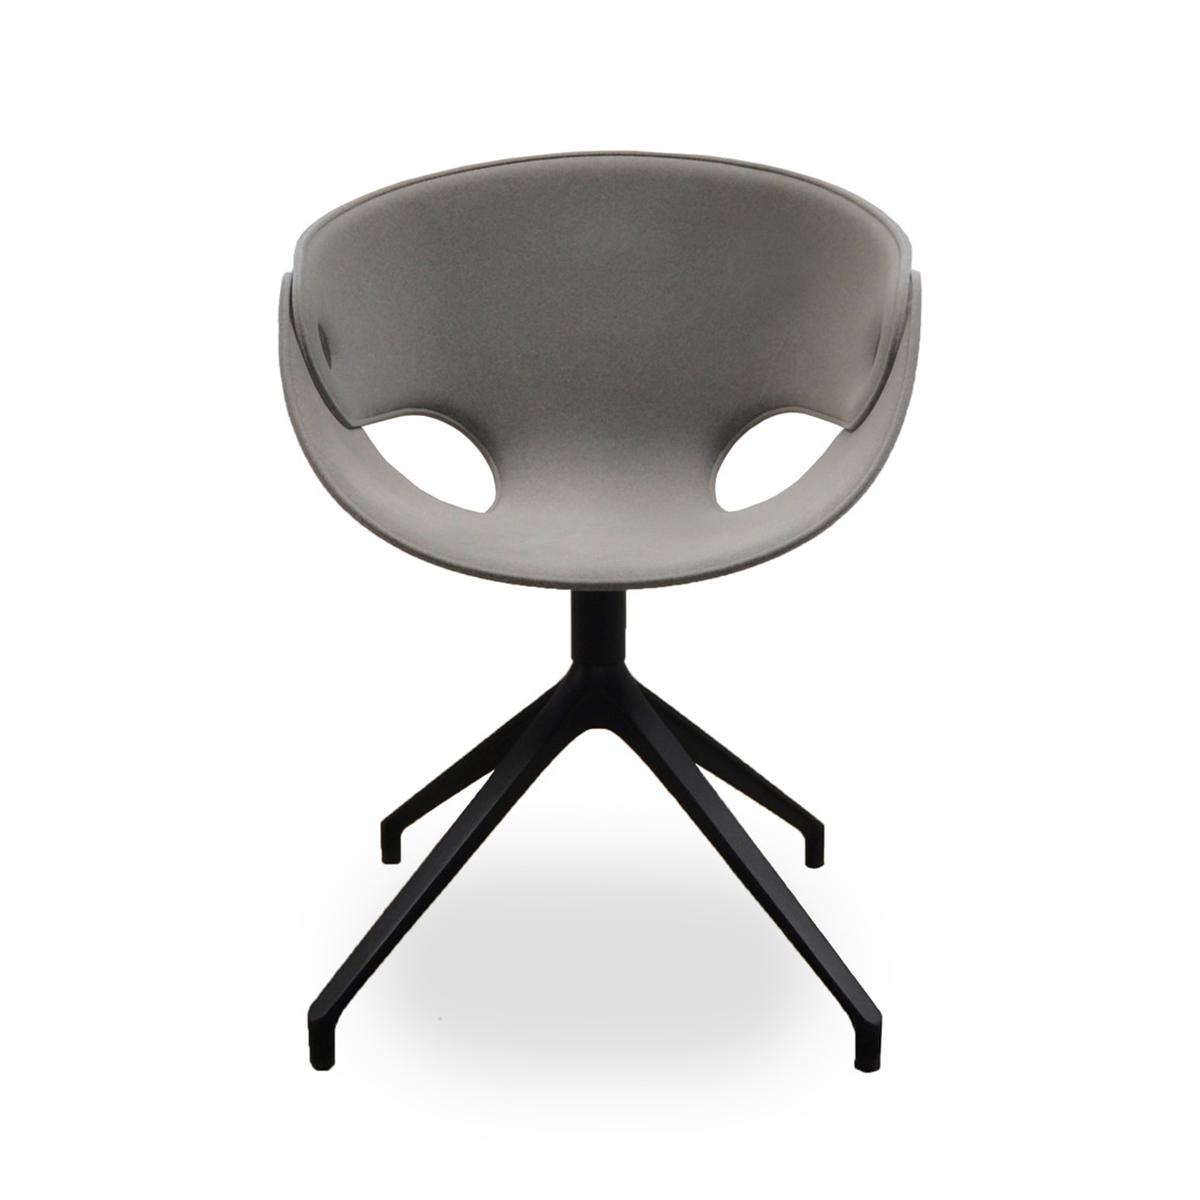 flatt dining chair I